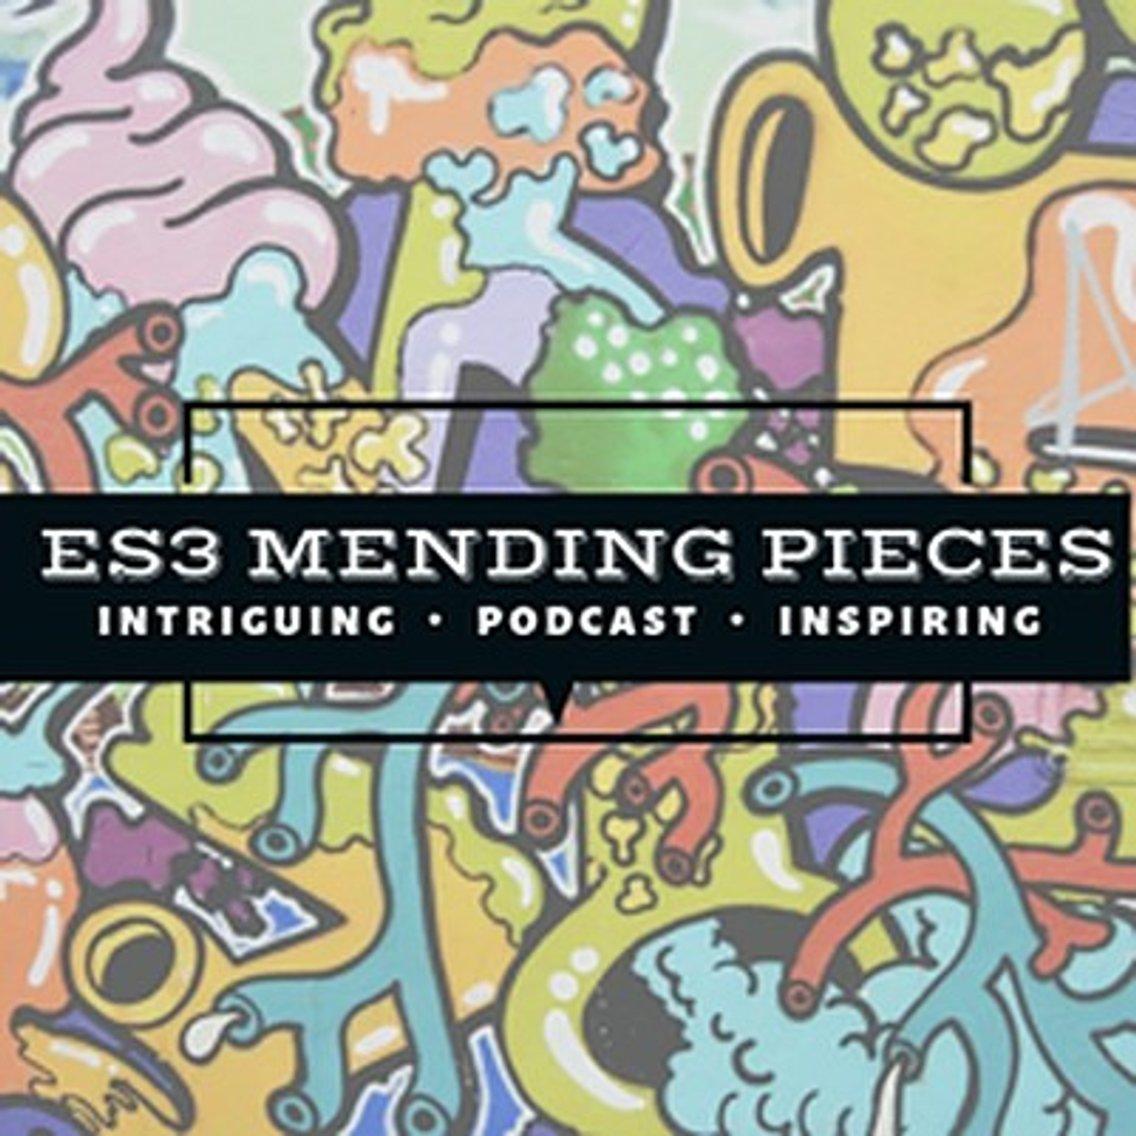 ES3 Mending Pieces - immagine di copertina